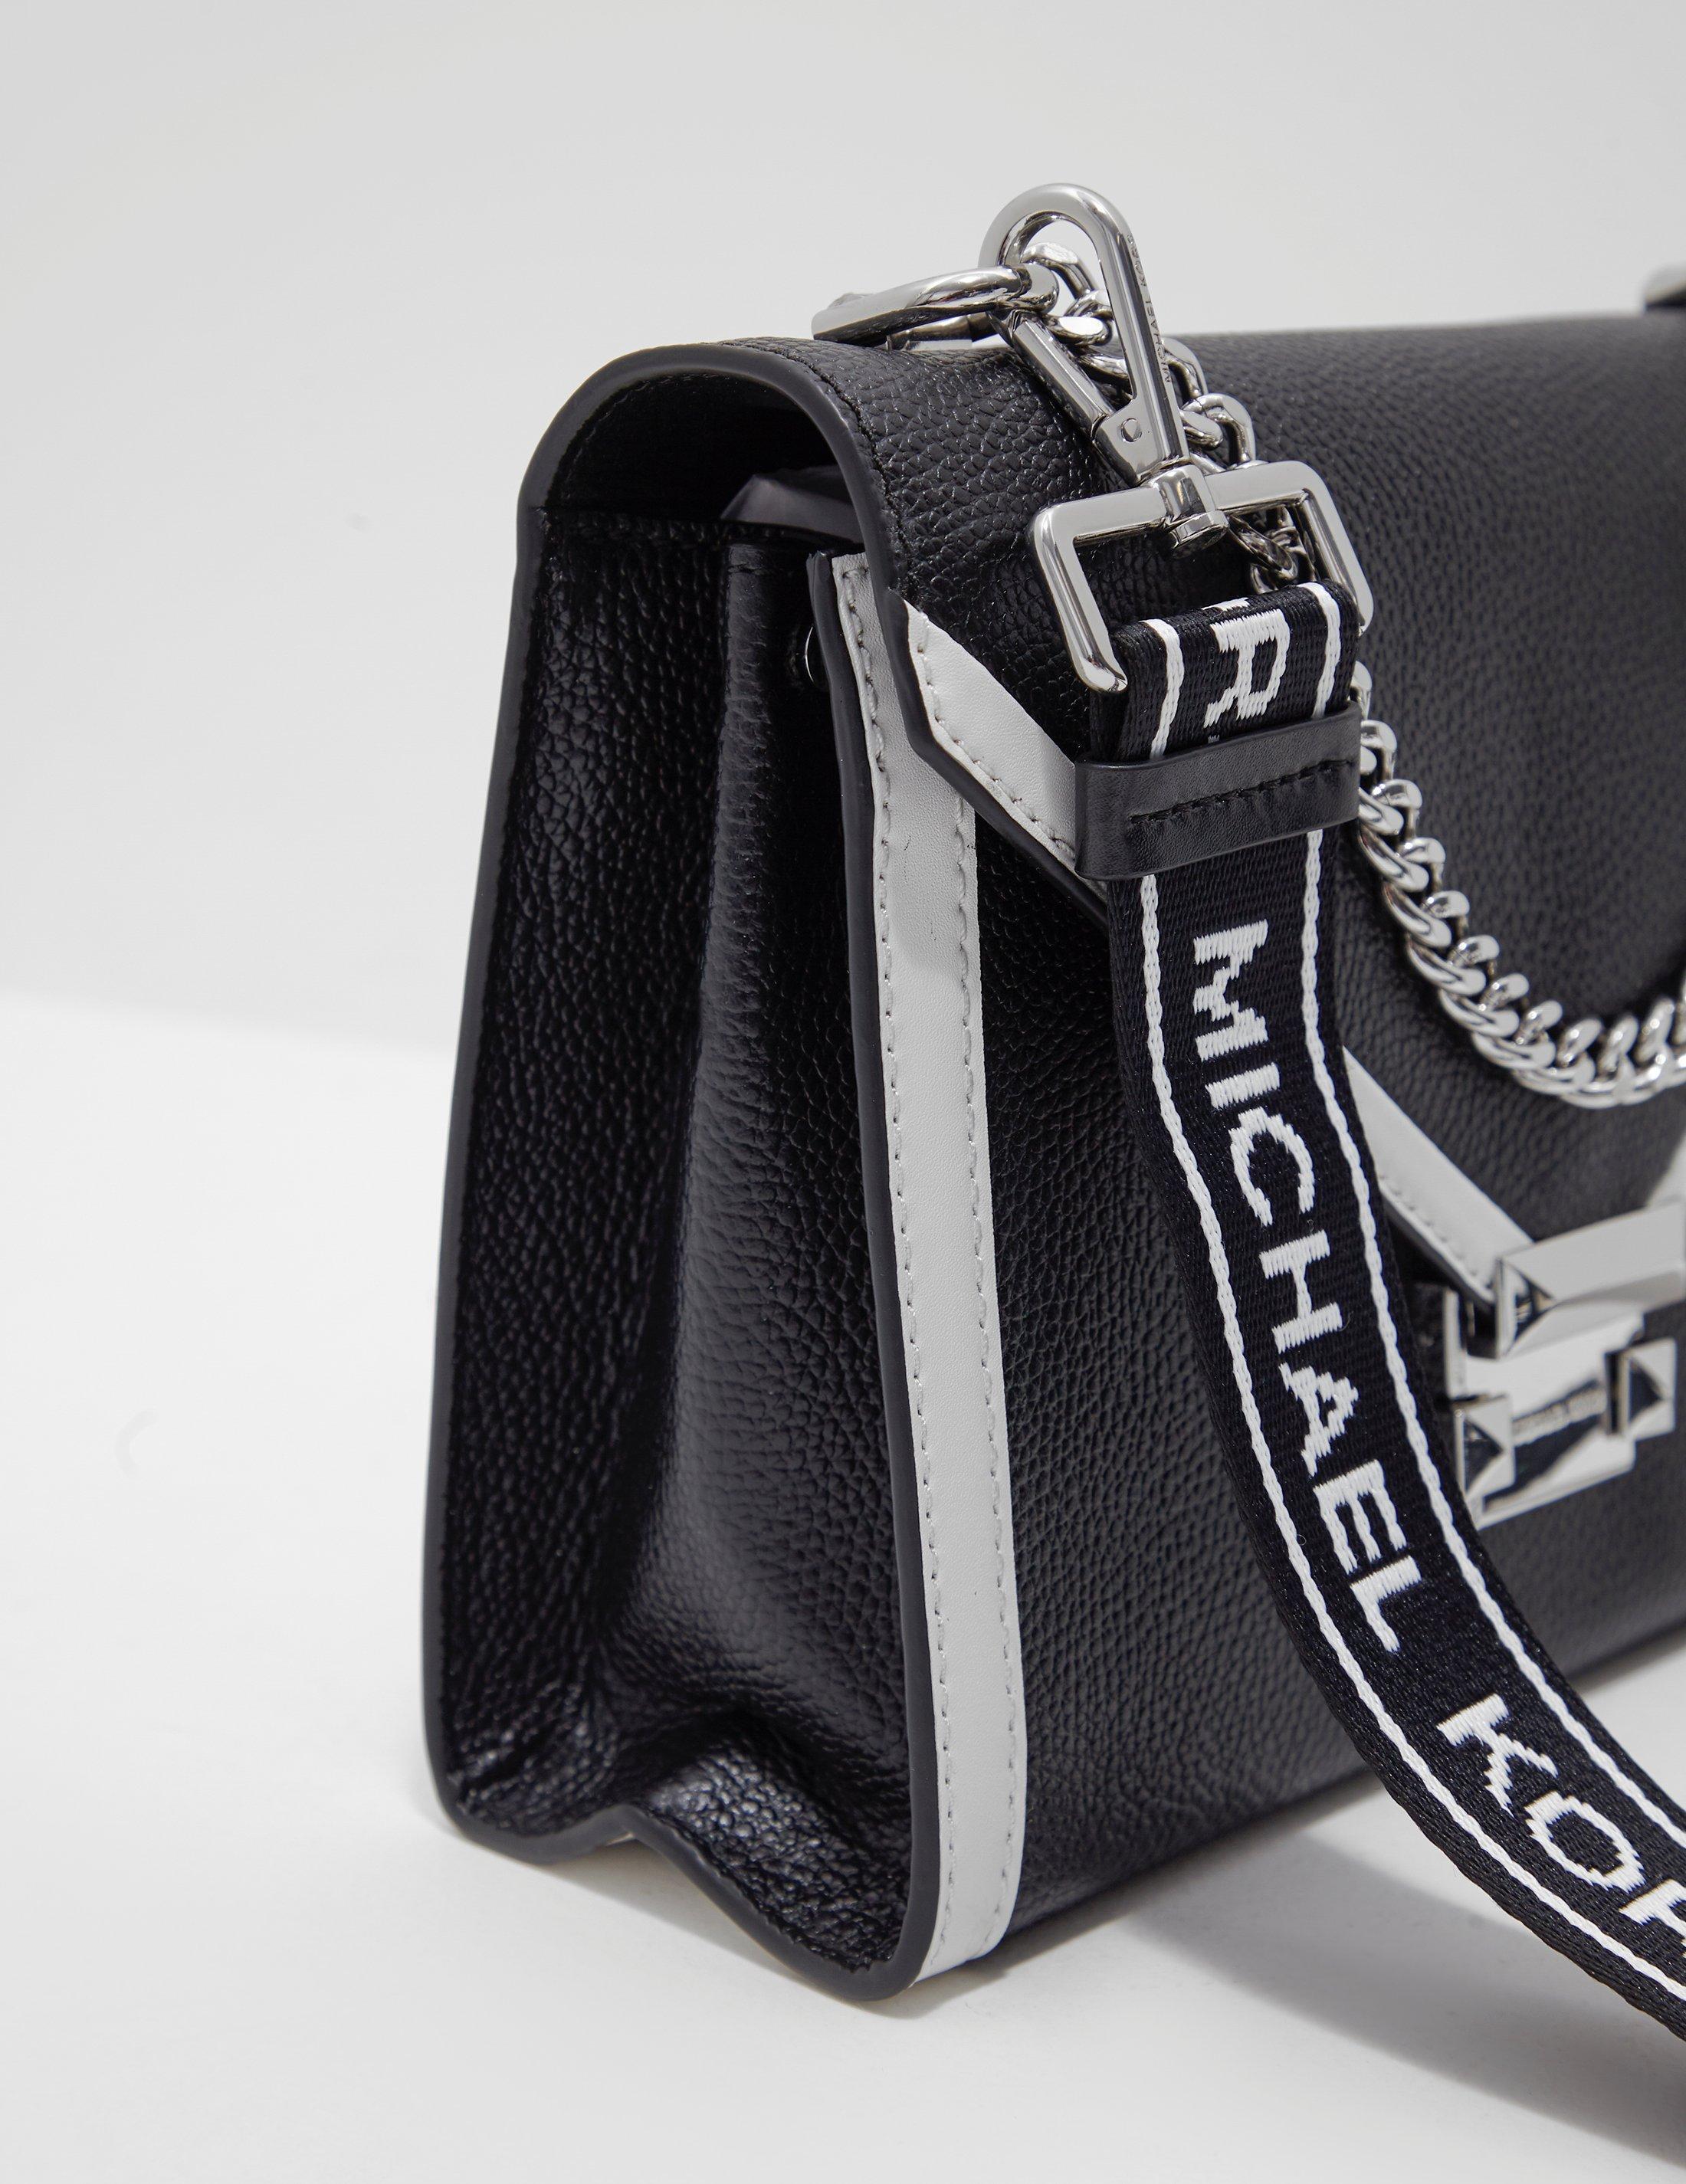 8498ef16c4de Michael Kors - Whitney Tape Shoulder Bag Black - Lyst. View fullscreen